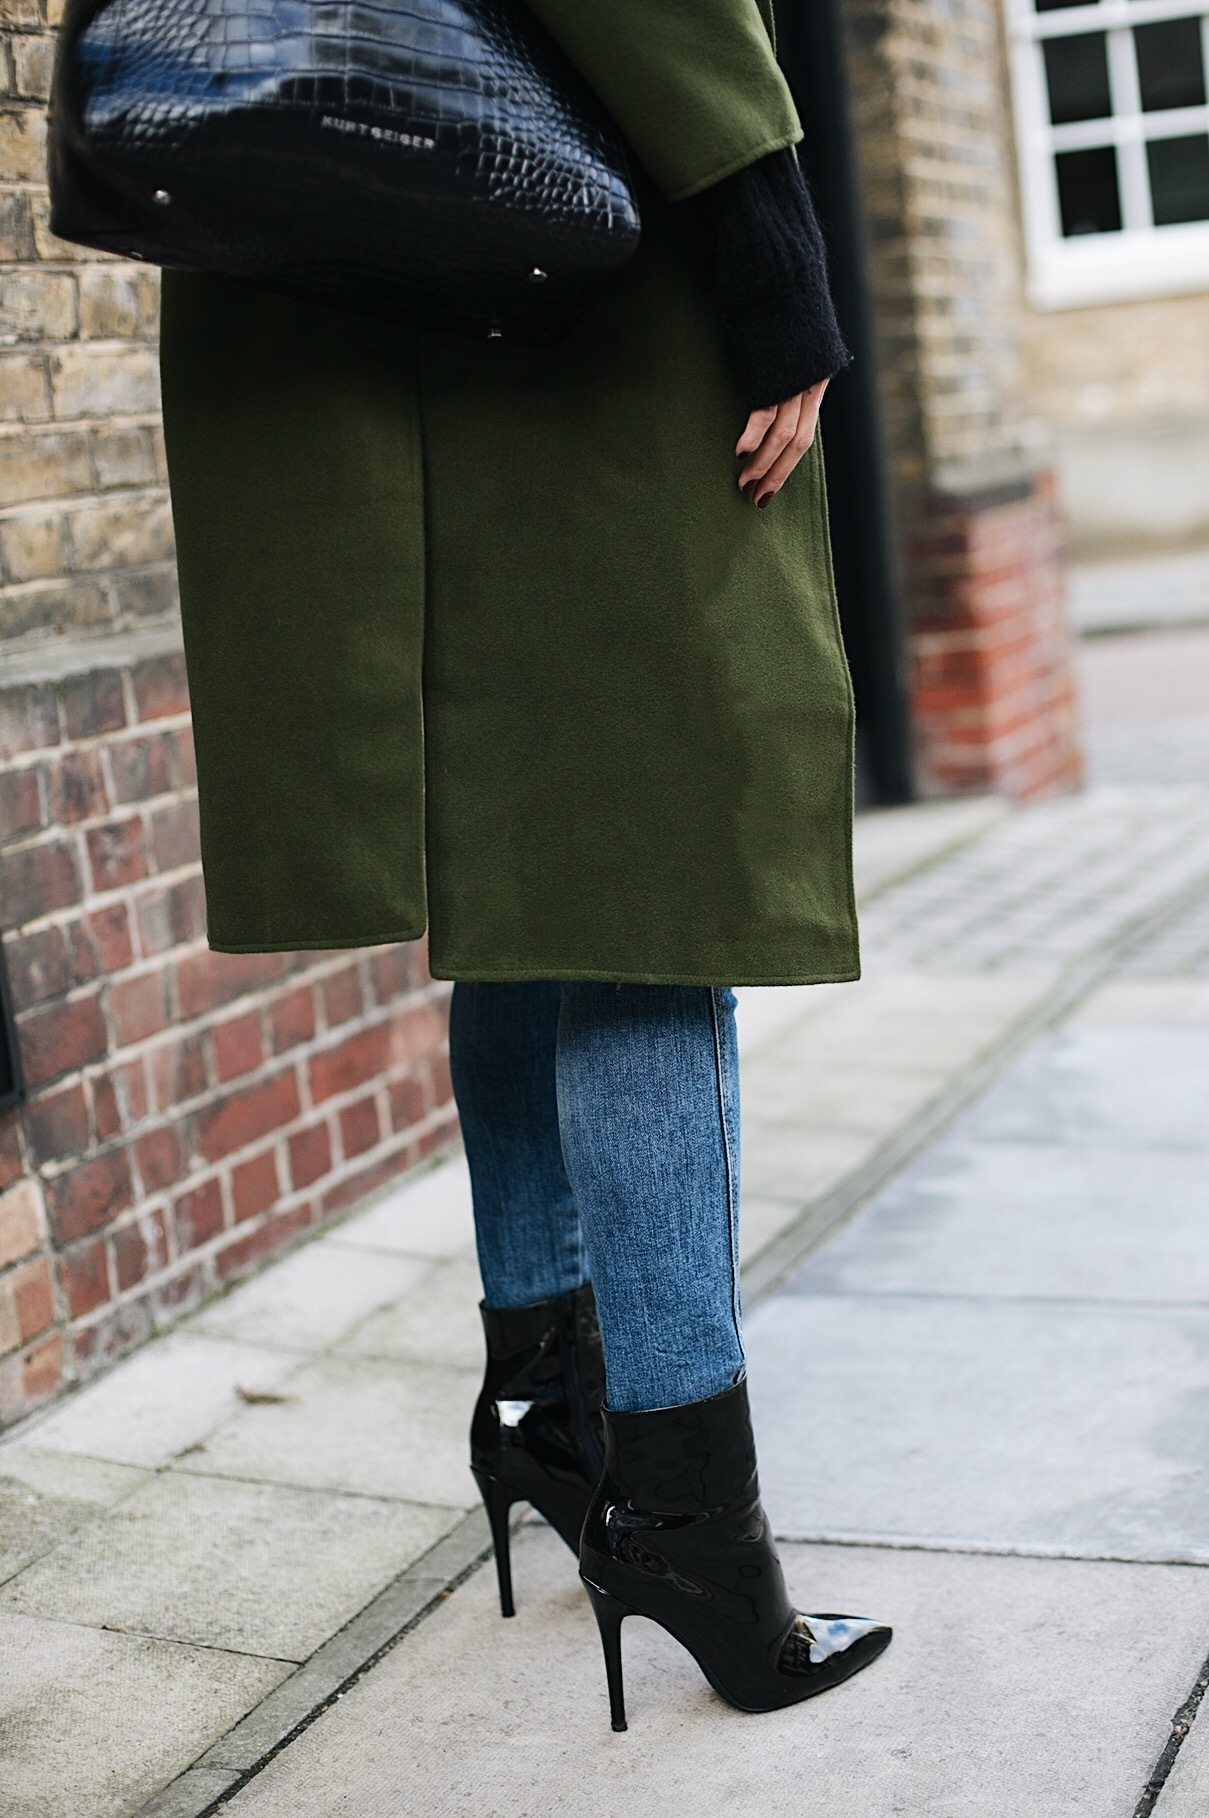 khaki coat, skinny jeans, black patent vinyl pvc heeled ankle boots